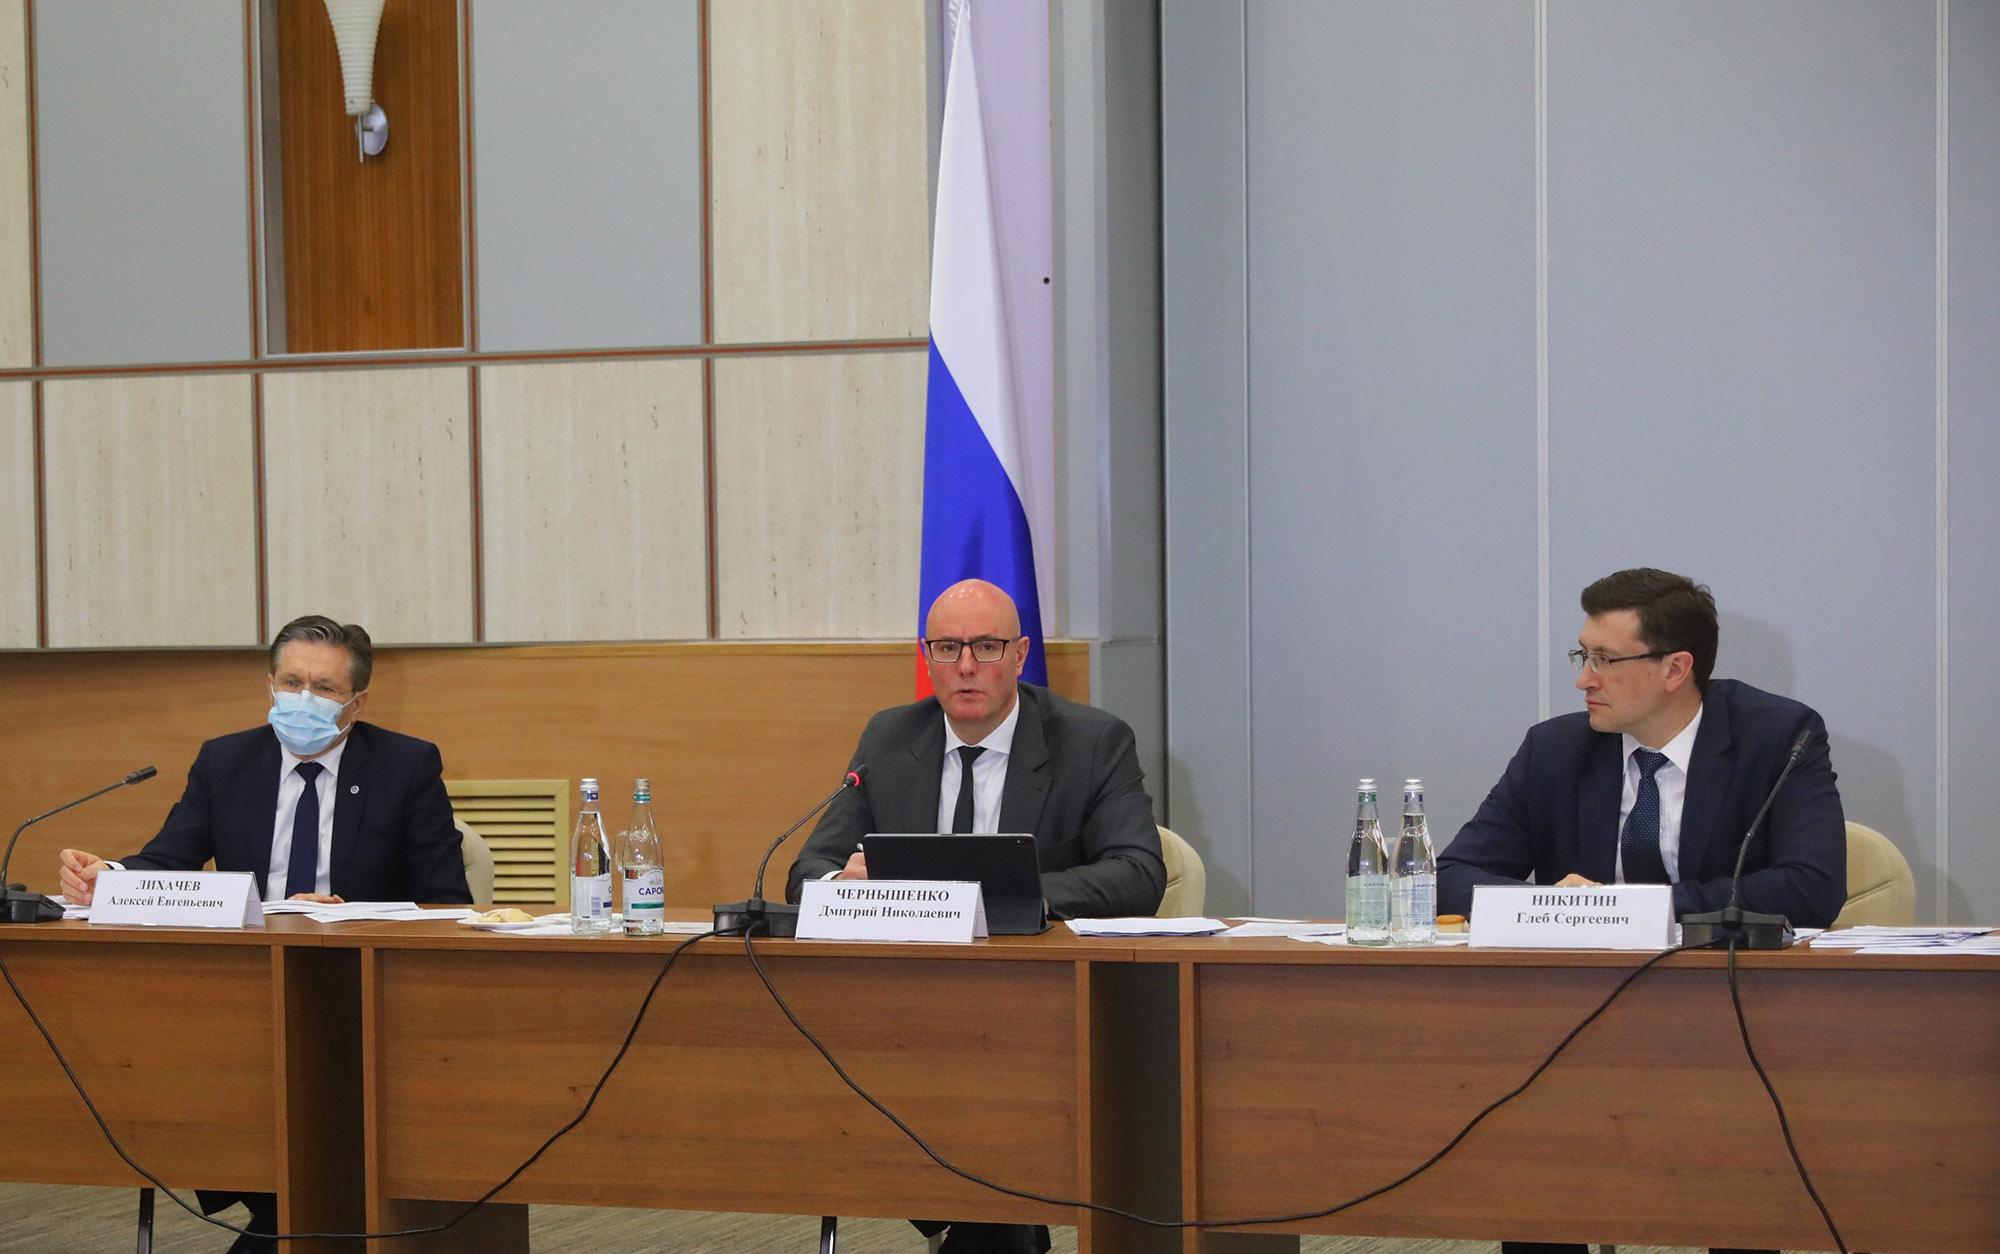 Филиал МГУ имени М.В. Ломоносова откроется в Сарове 1 сентября